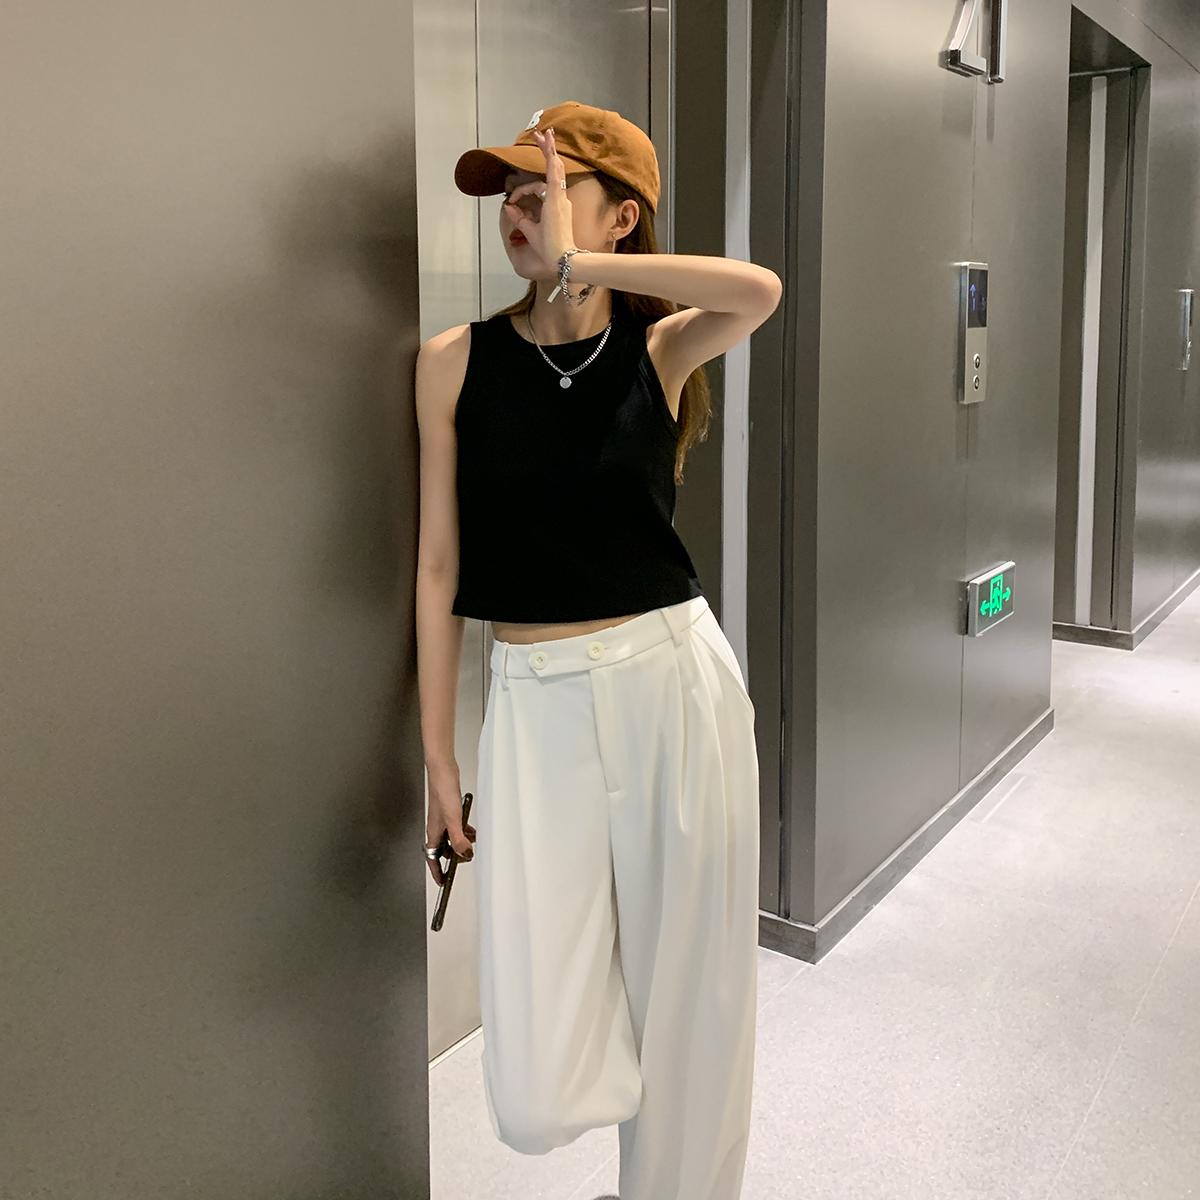 SIXI四喜家春夏 个性辣妹 背心女打底外穿内搭运动风短款吊带上衣